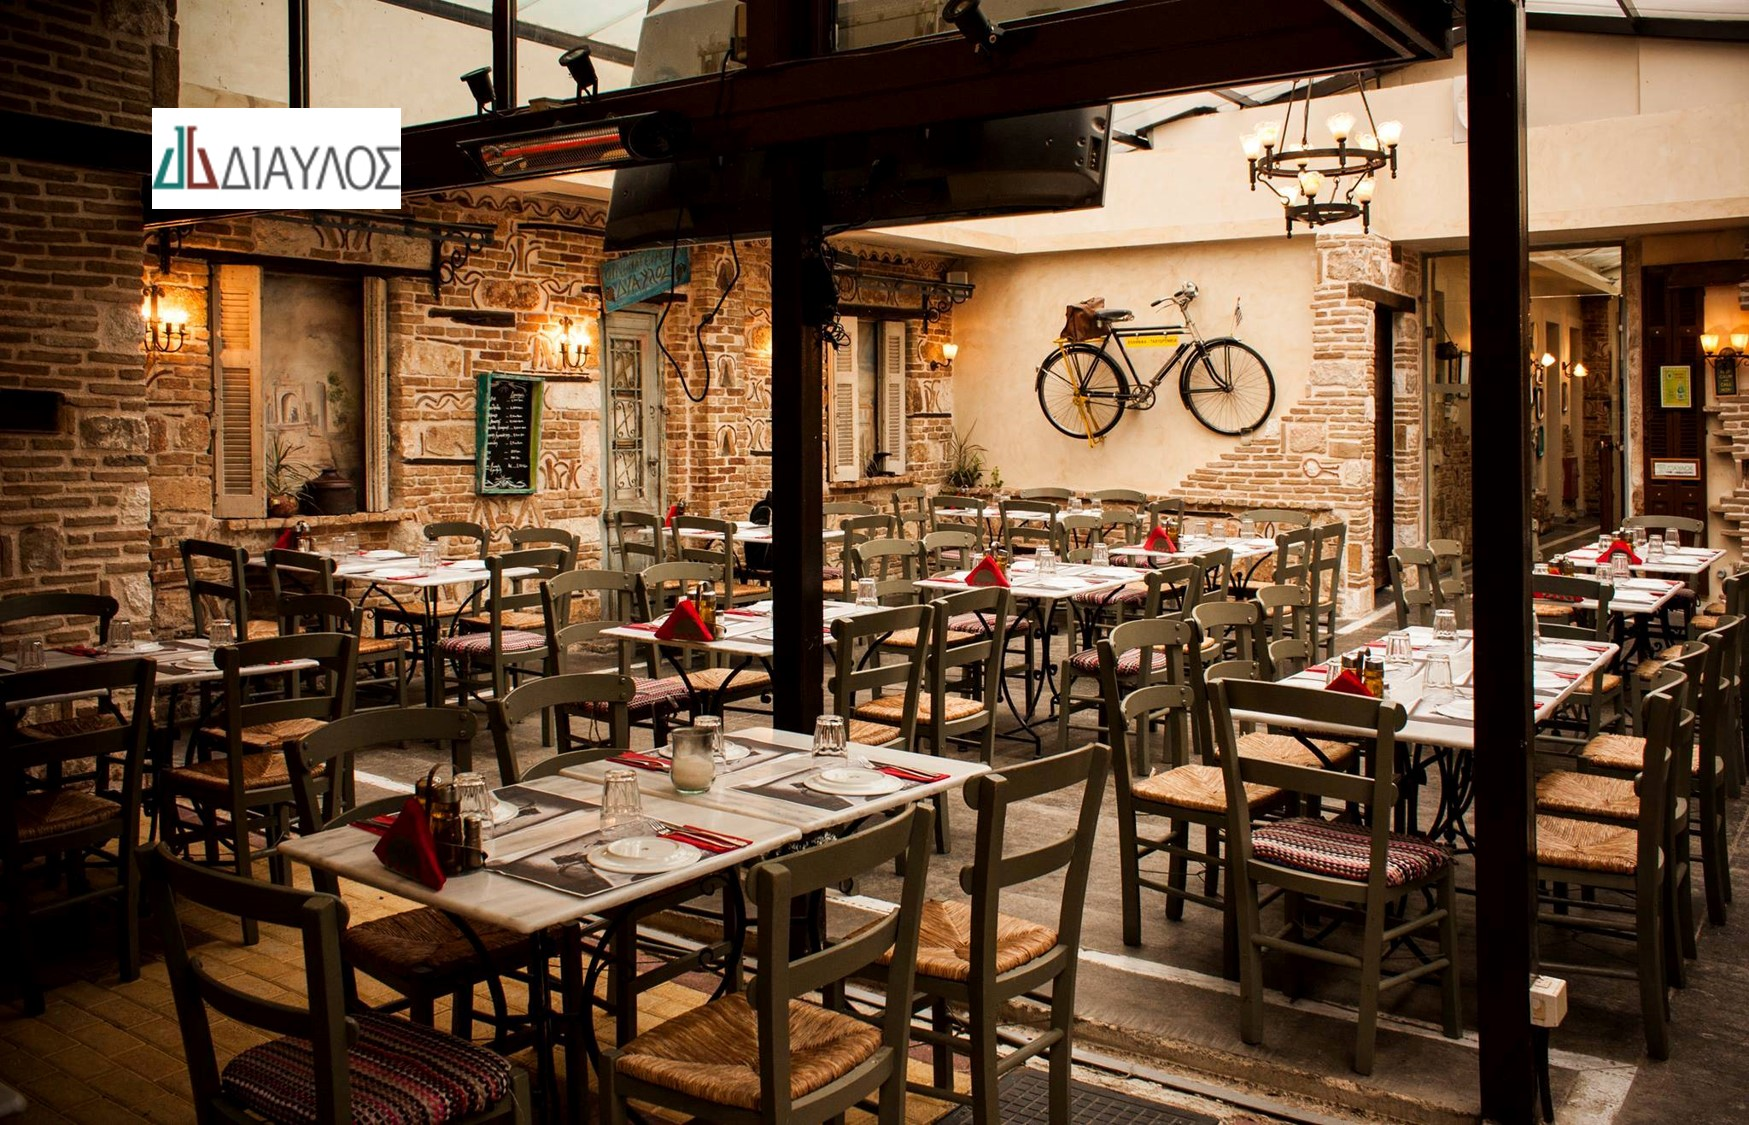 20€ από 35€ για πλήρες menu 2 Ατόμων με θέα την Ακρόπολη στον ''Δίαυλο'' το διάσημο μεζεδοπωλείο της Αδριανού, στο Θησείο. Το μαγαζί με την καλύτερη θέα στην Ακρόπολη, μόνο στο Happydeals! εικόνα